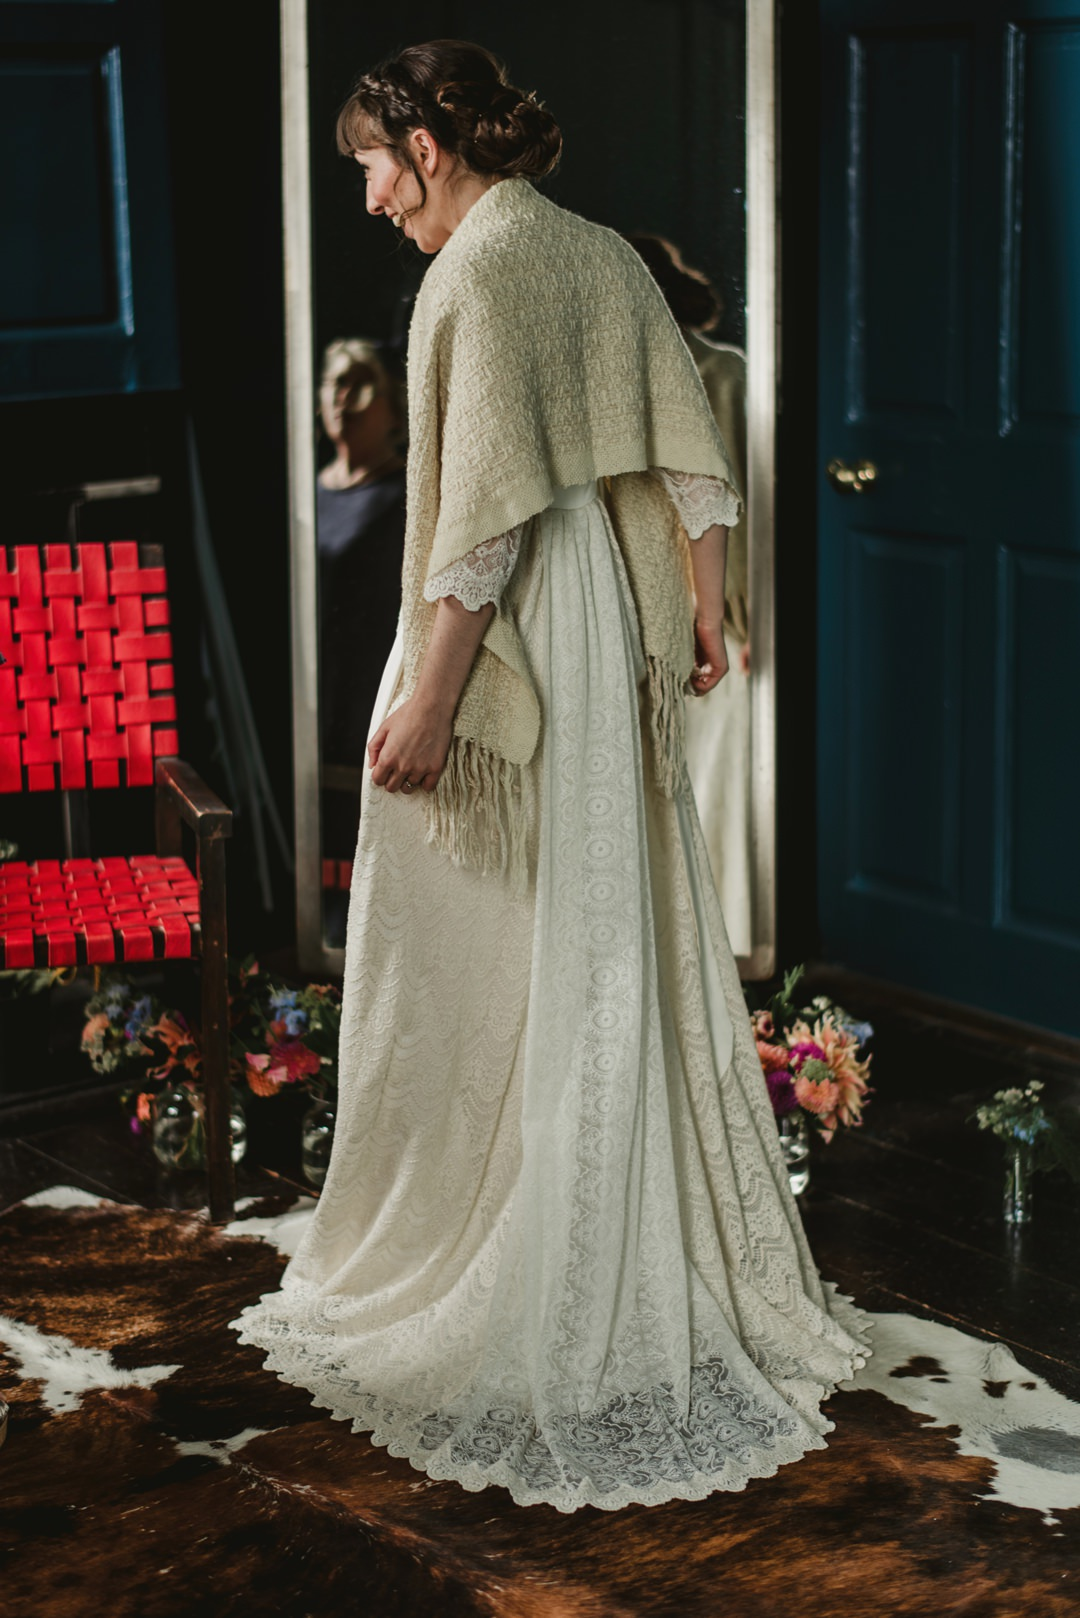 bellinter house bride in bathroom at front of big mirror